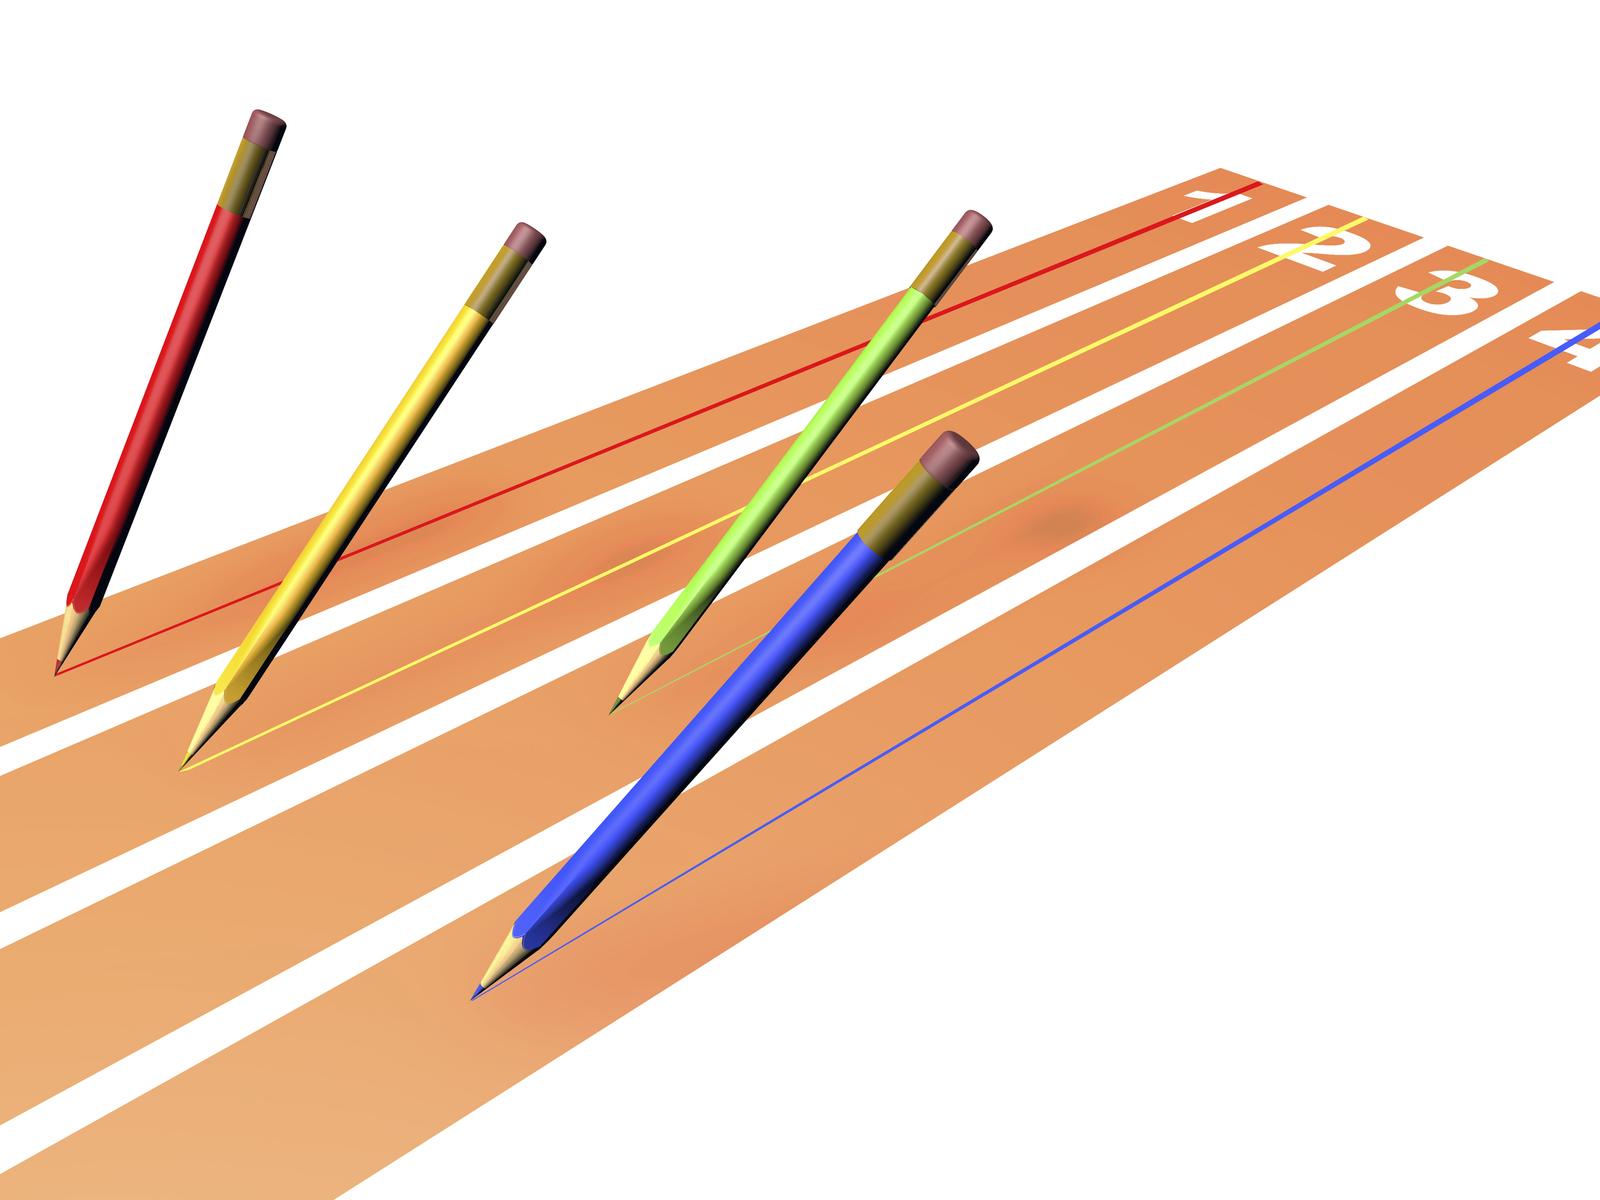 Pencils race